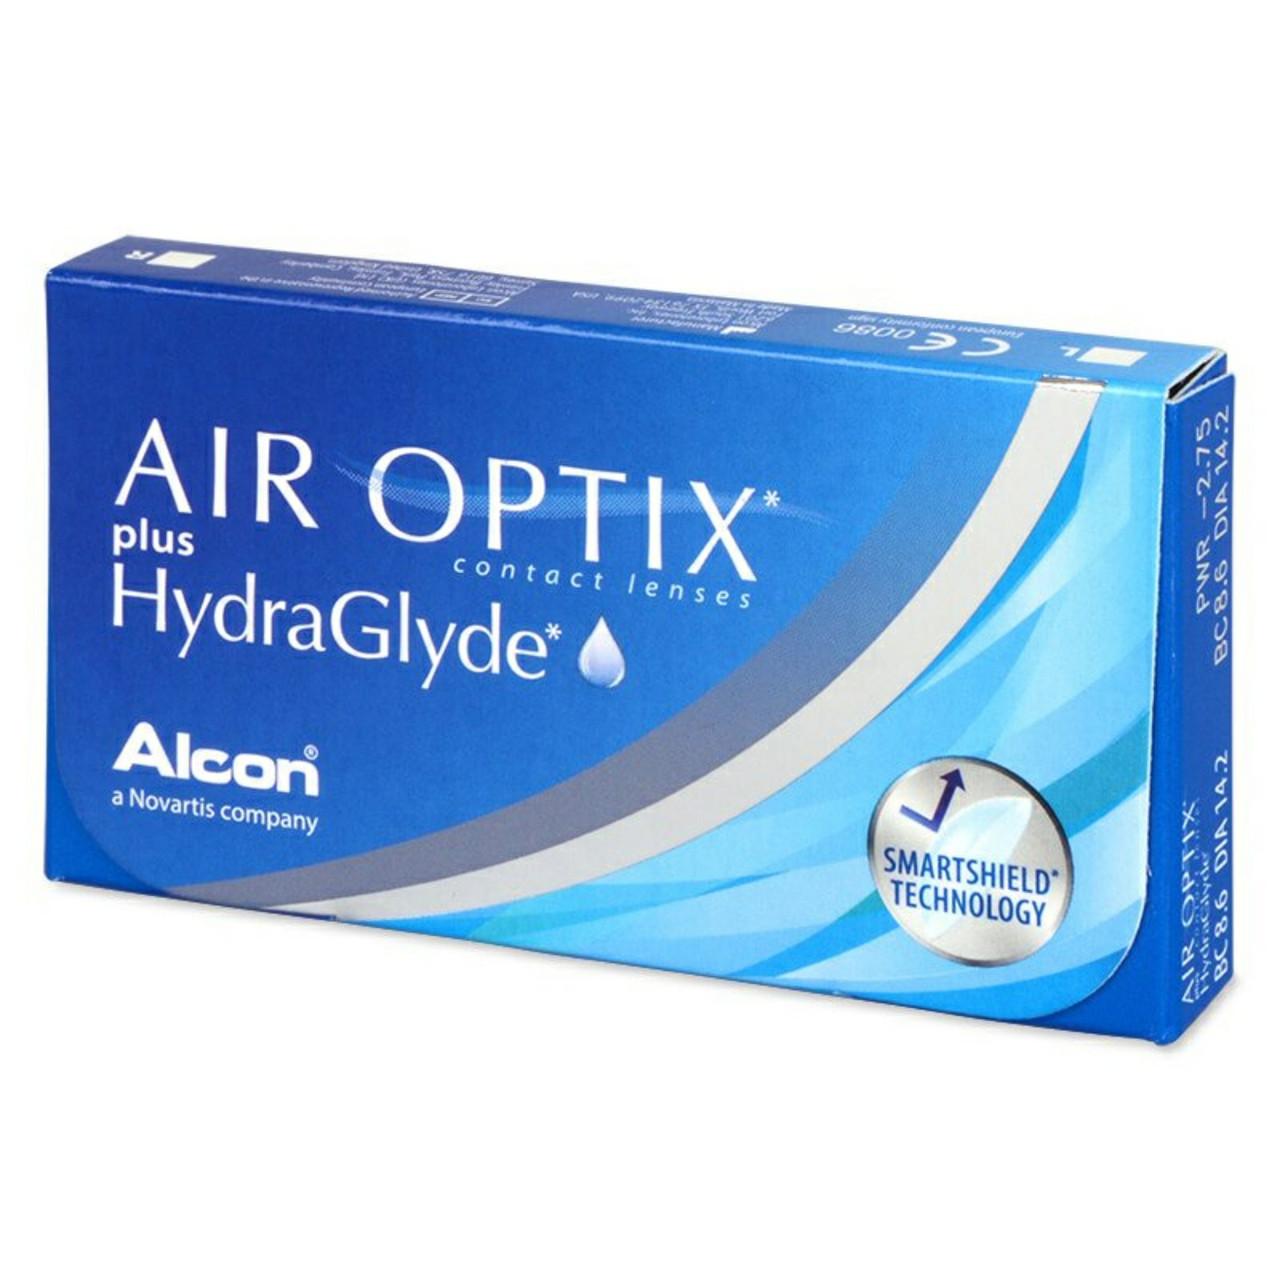 Контактные линзы +4,00 Air Optix plus HydraGlyde